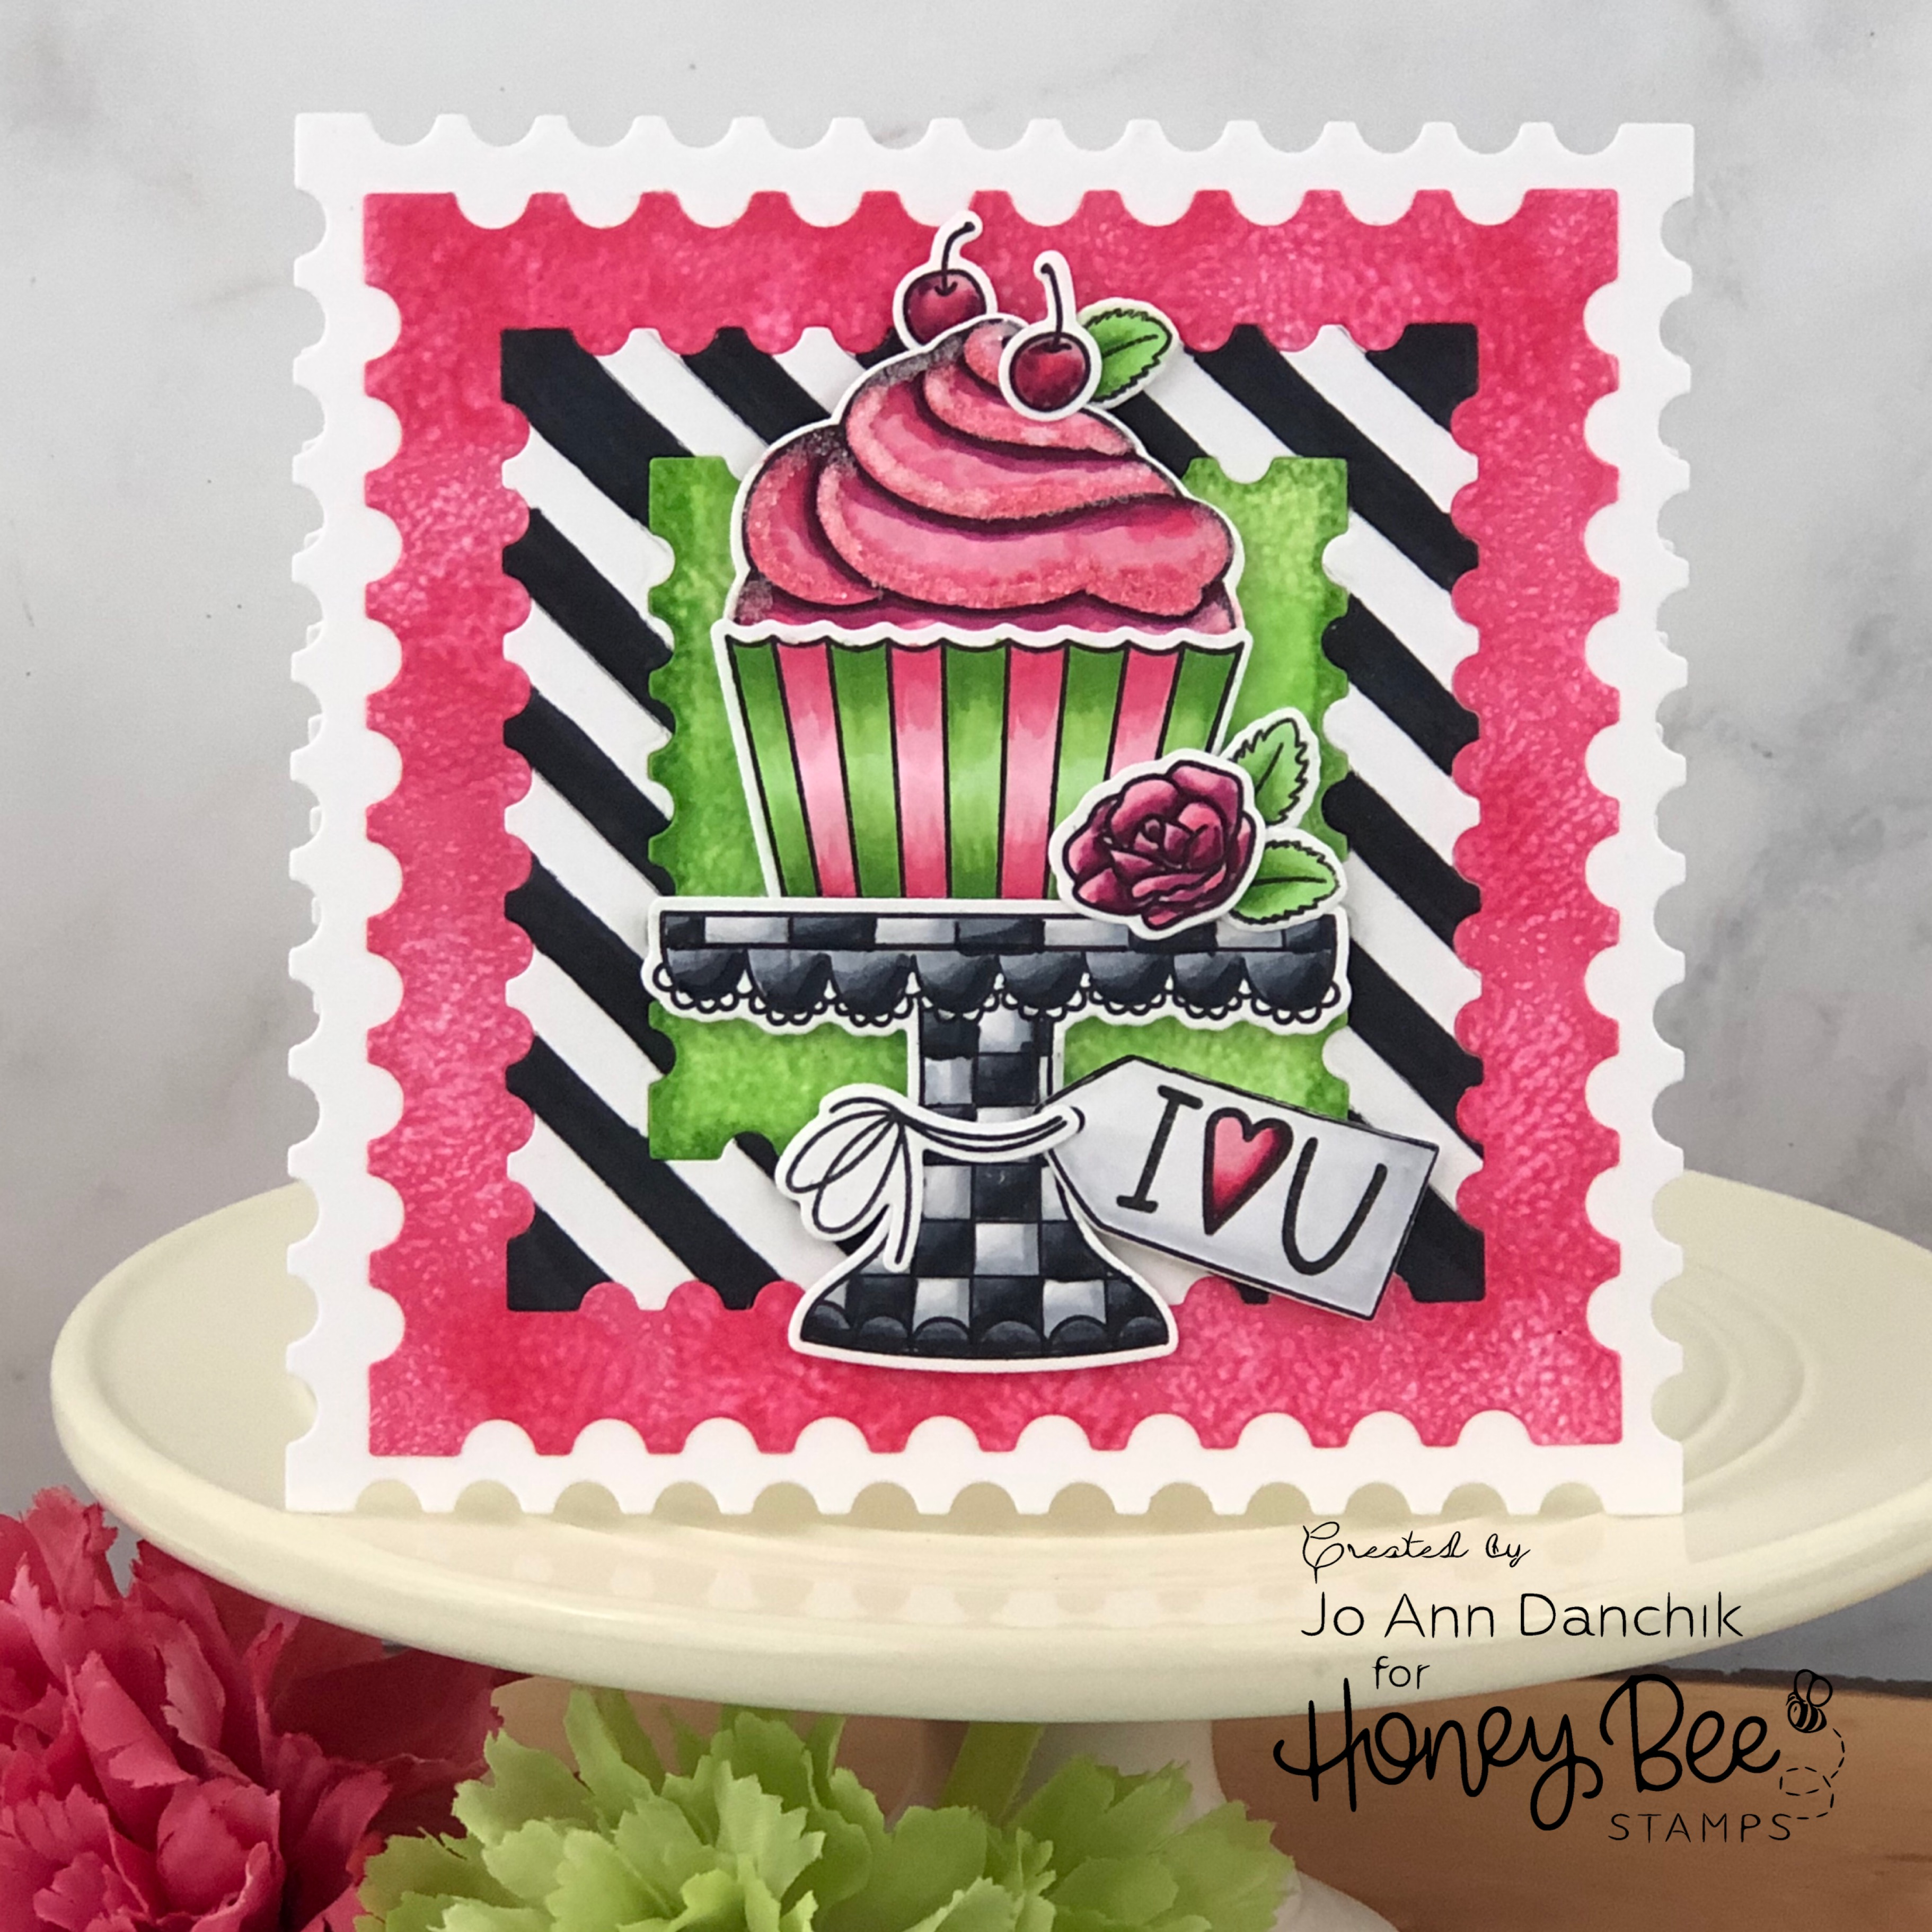 Creative Sundays With Jo Ann: Cupcake Love